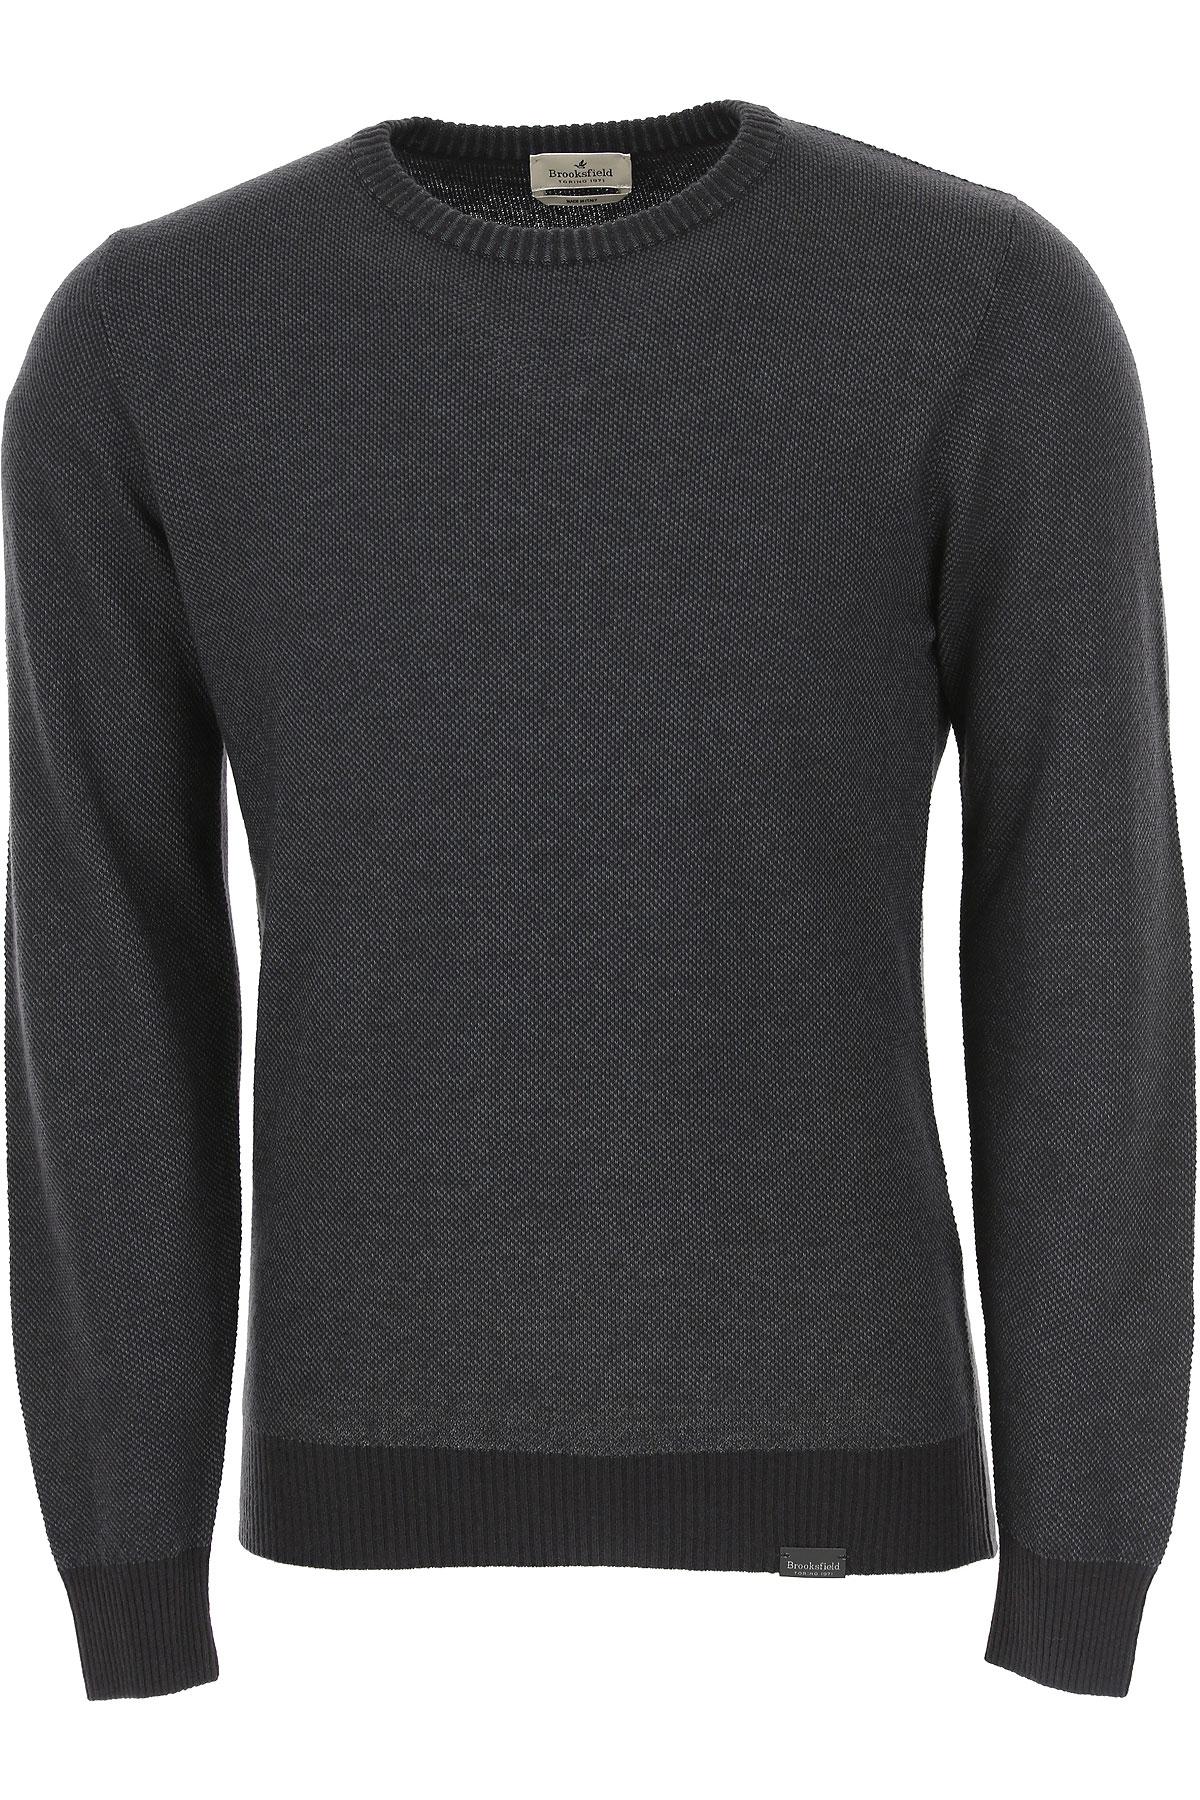 Brooksfield Sweater for Men Jumper On Sale, Black, Wool, 2019, L M XXL